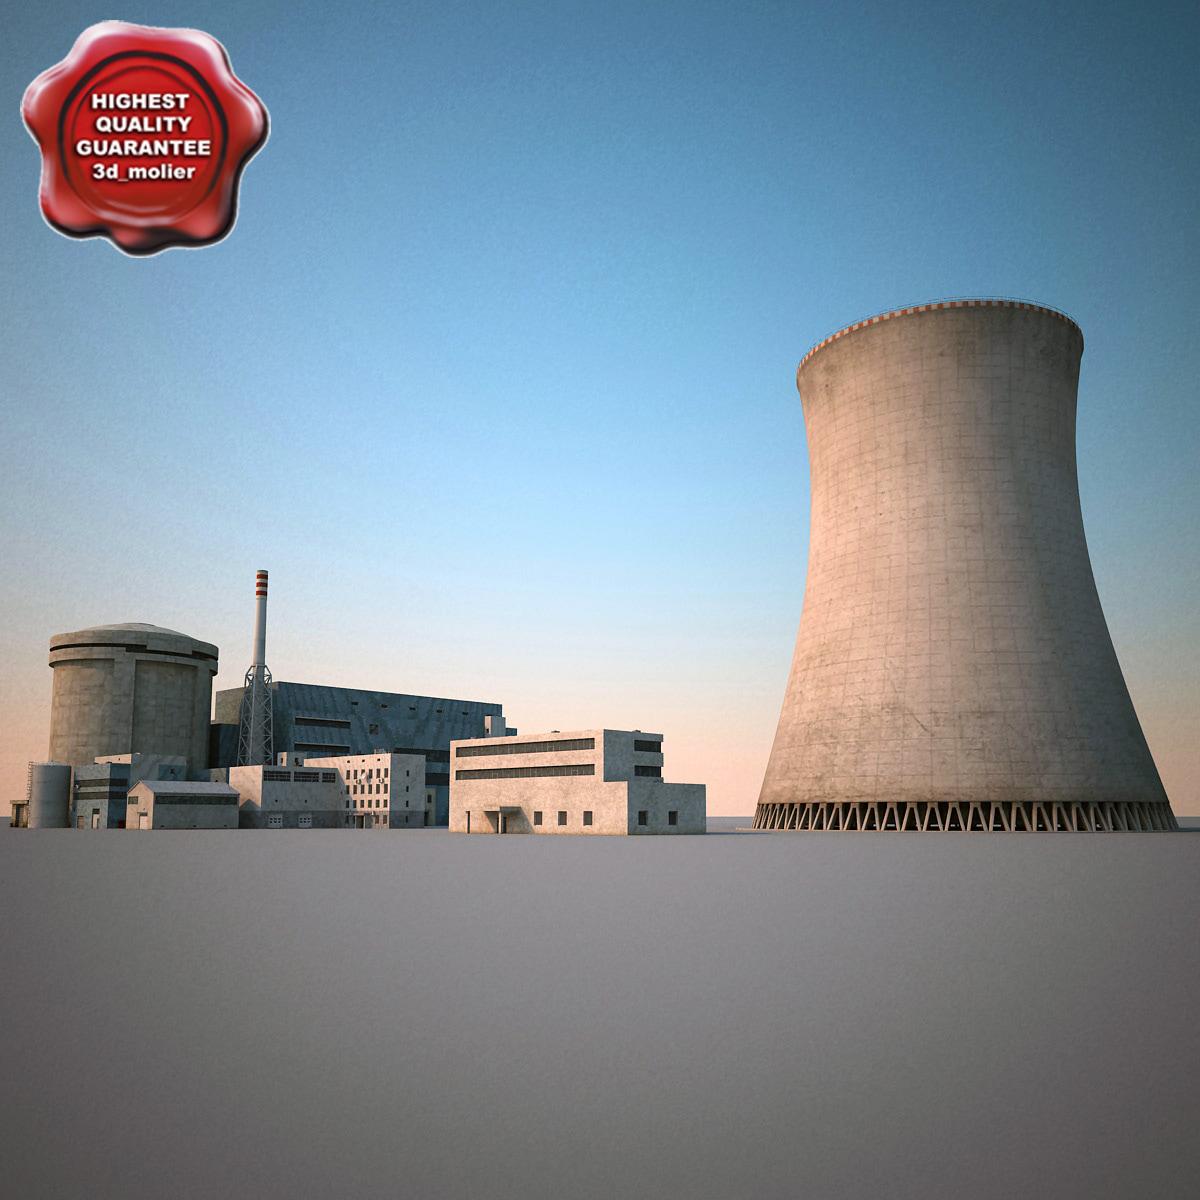 Nuclear_Power_Plant_V3_00.jpg